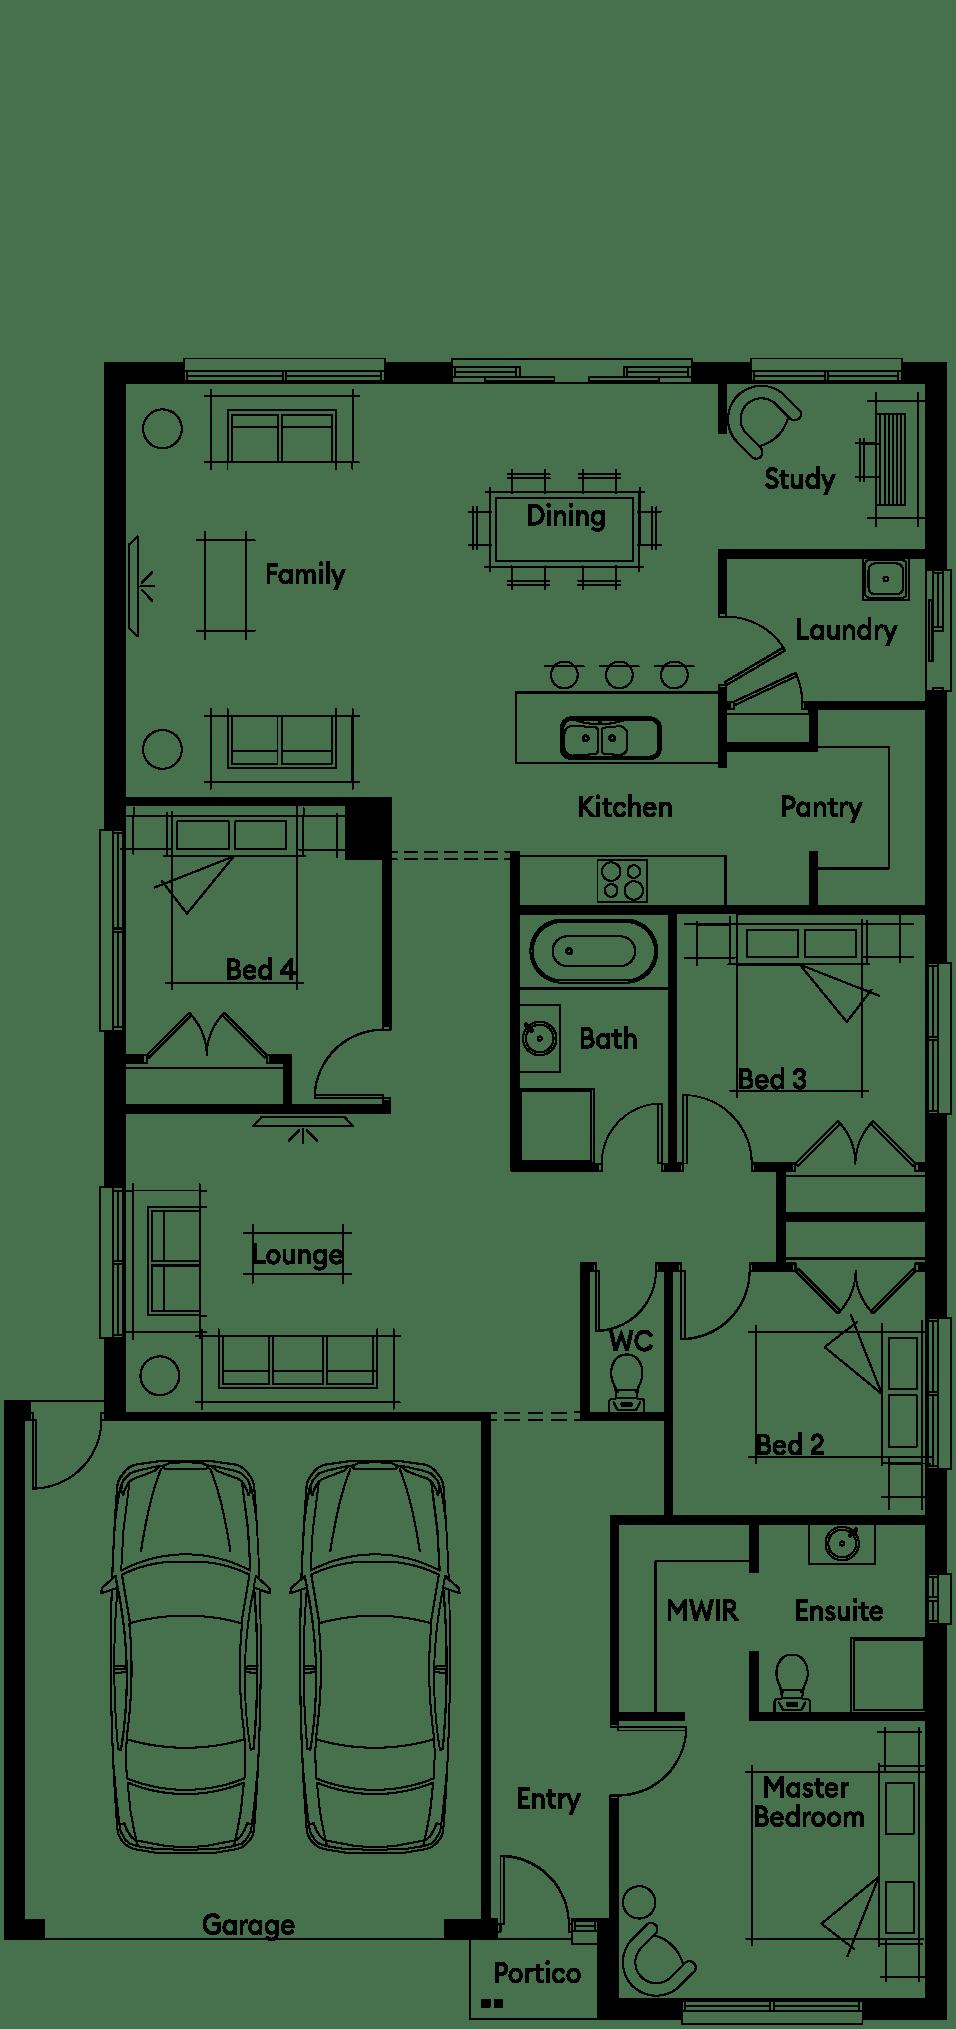 FloorPlan1_HOUSE760_Lamont_22-11